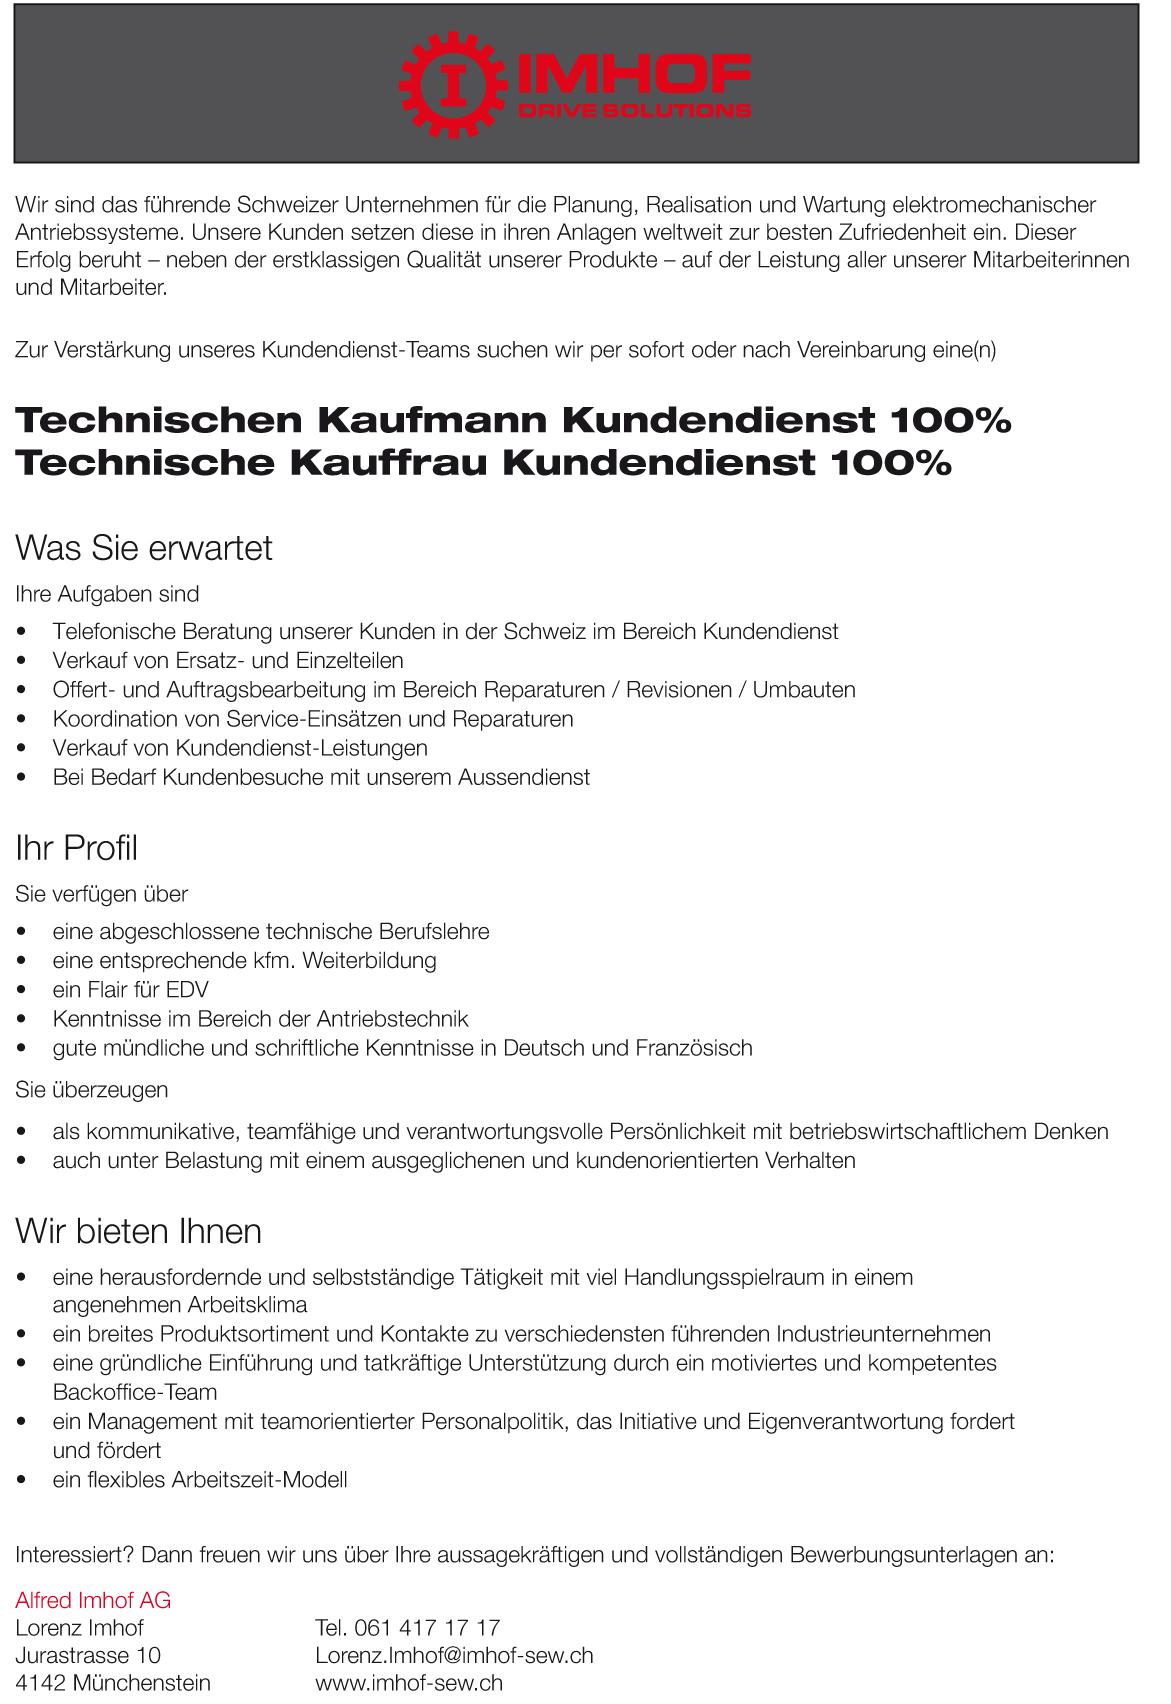 Mitarbeiter gesucht: Technischer Kaufmann / Technische Kauffrau Kundendienst 100%